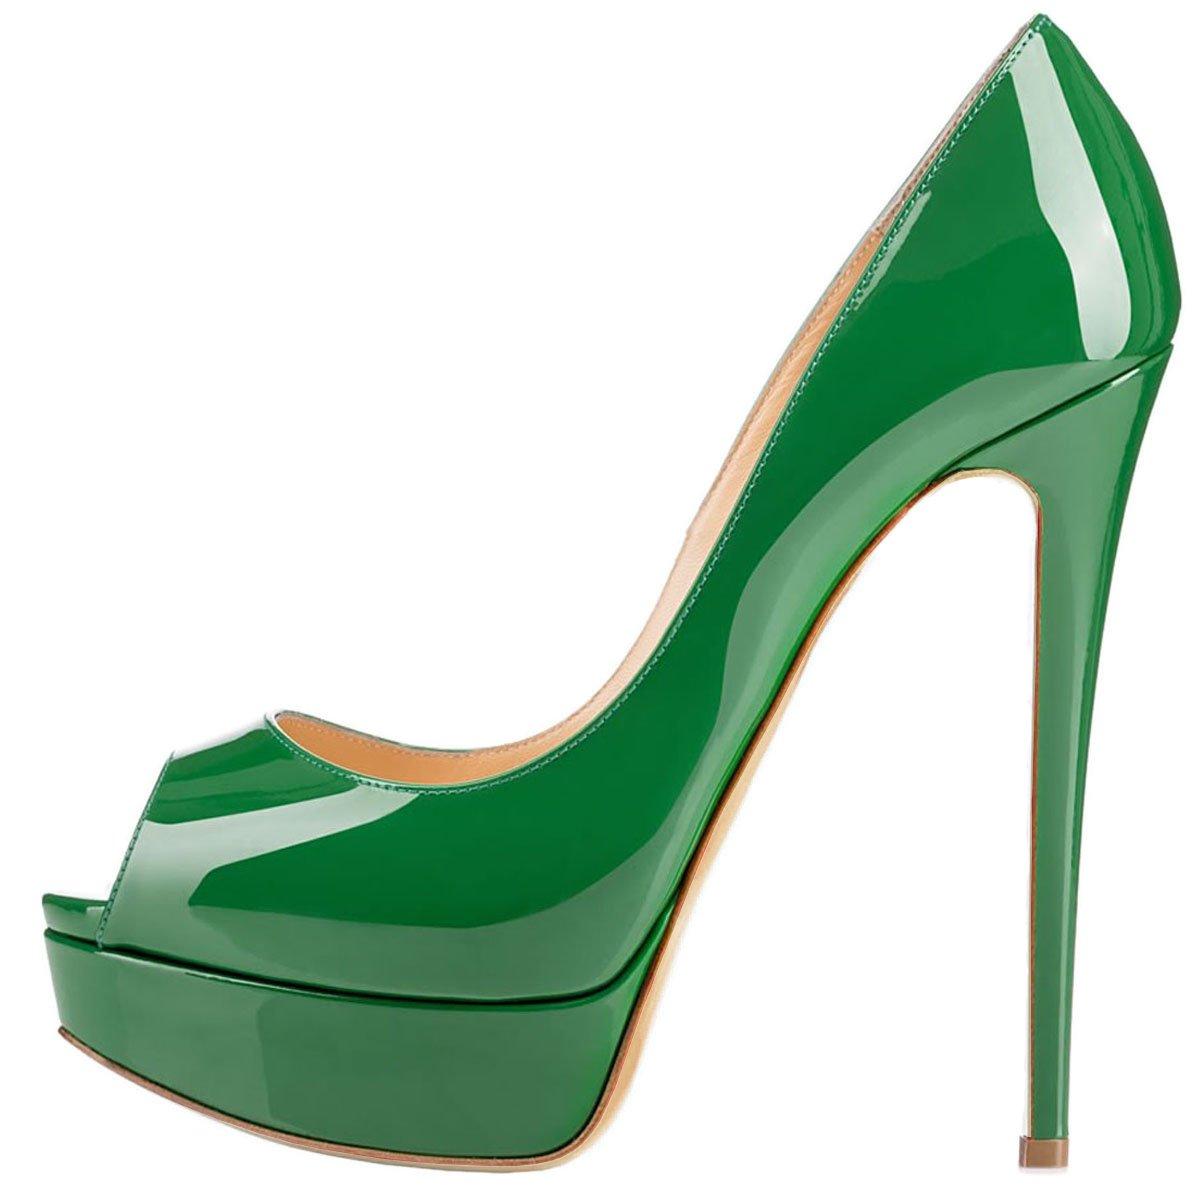 Lutalica Zapatos de Punta Abierta de Charol Mujer 37 EU Grün Patent